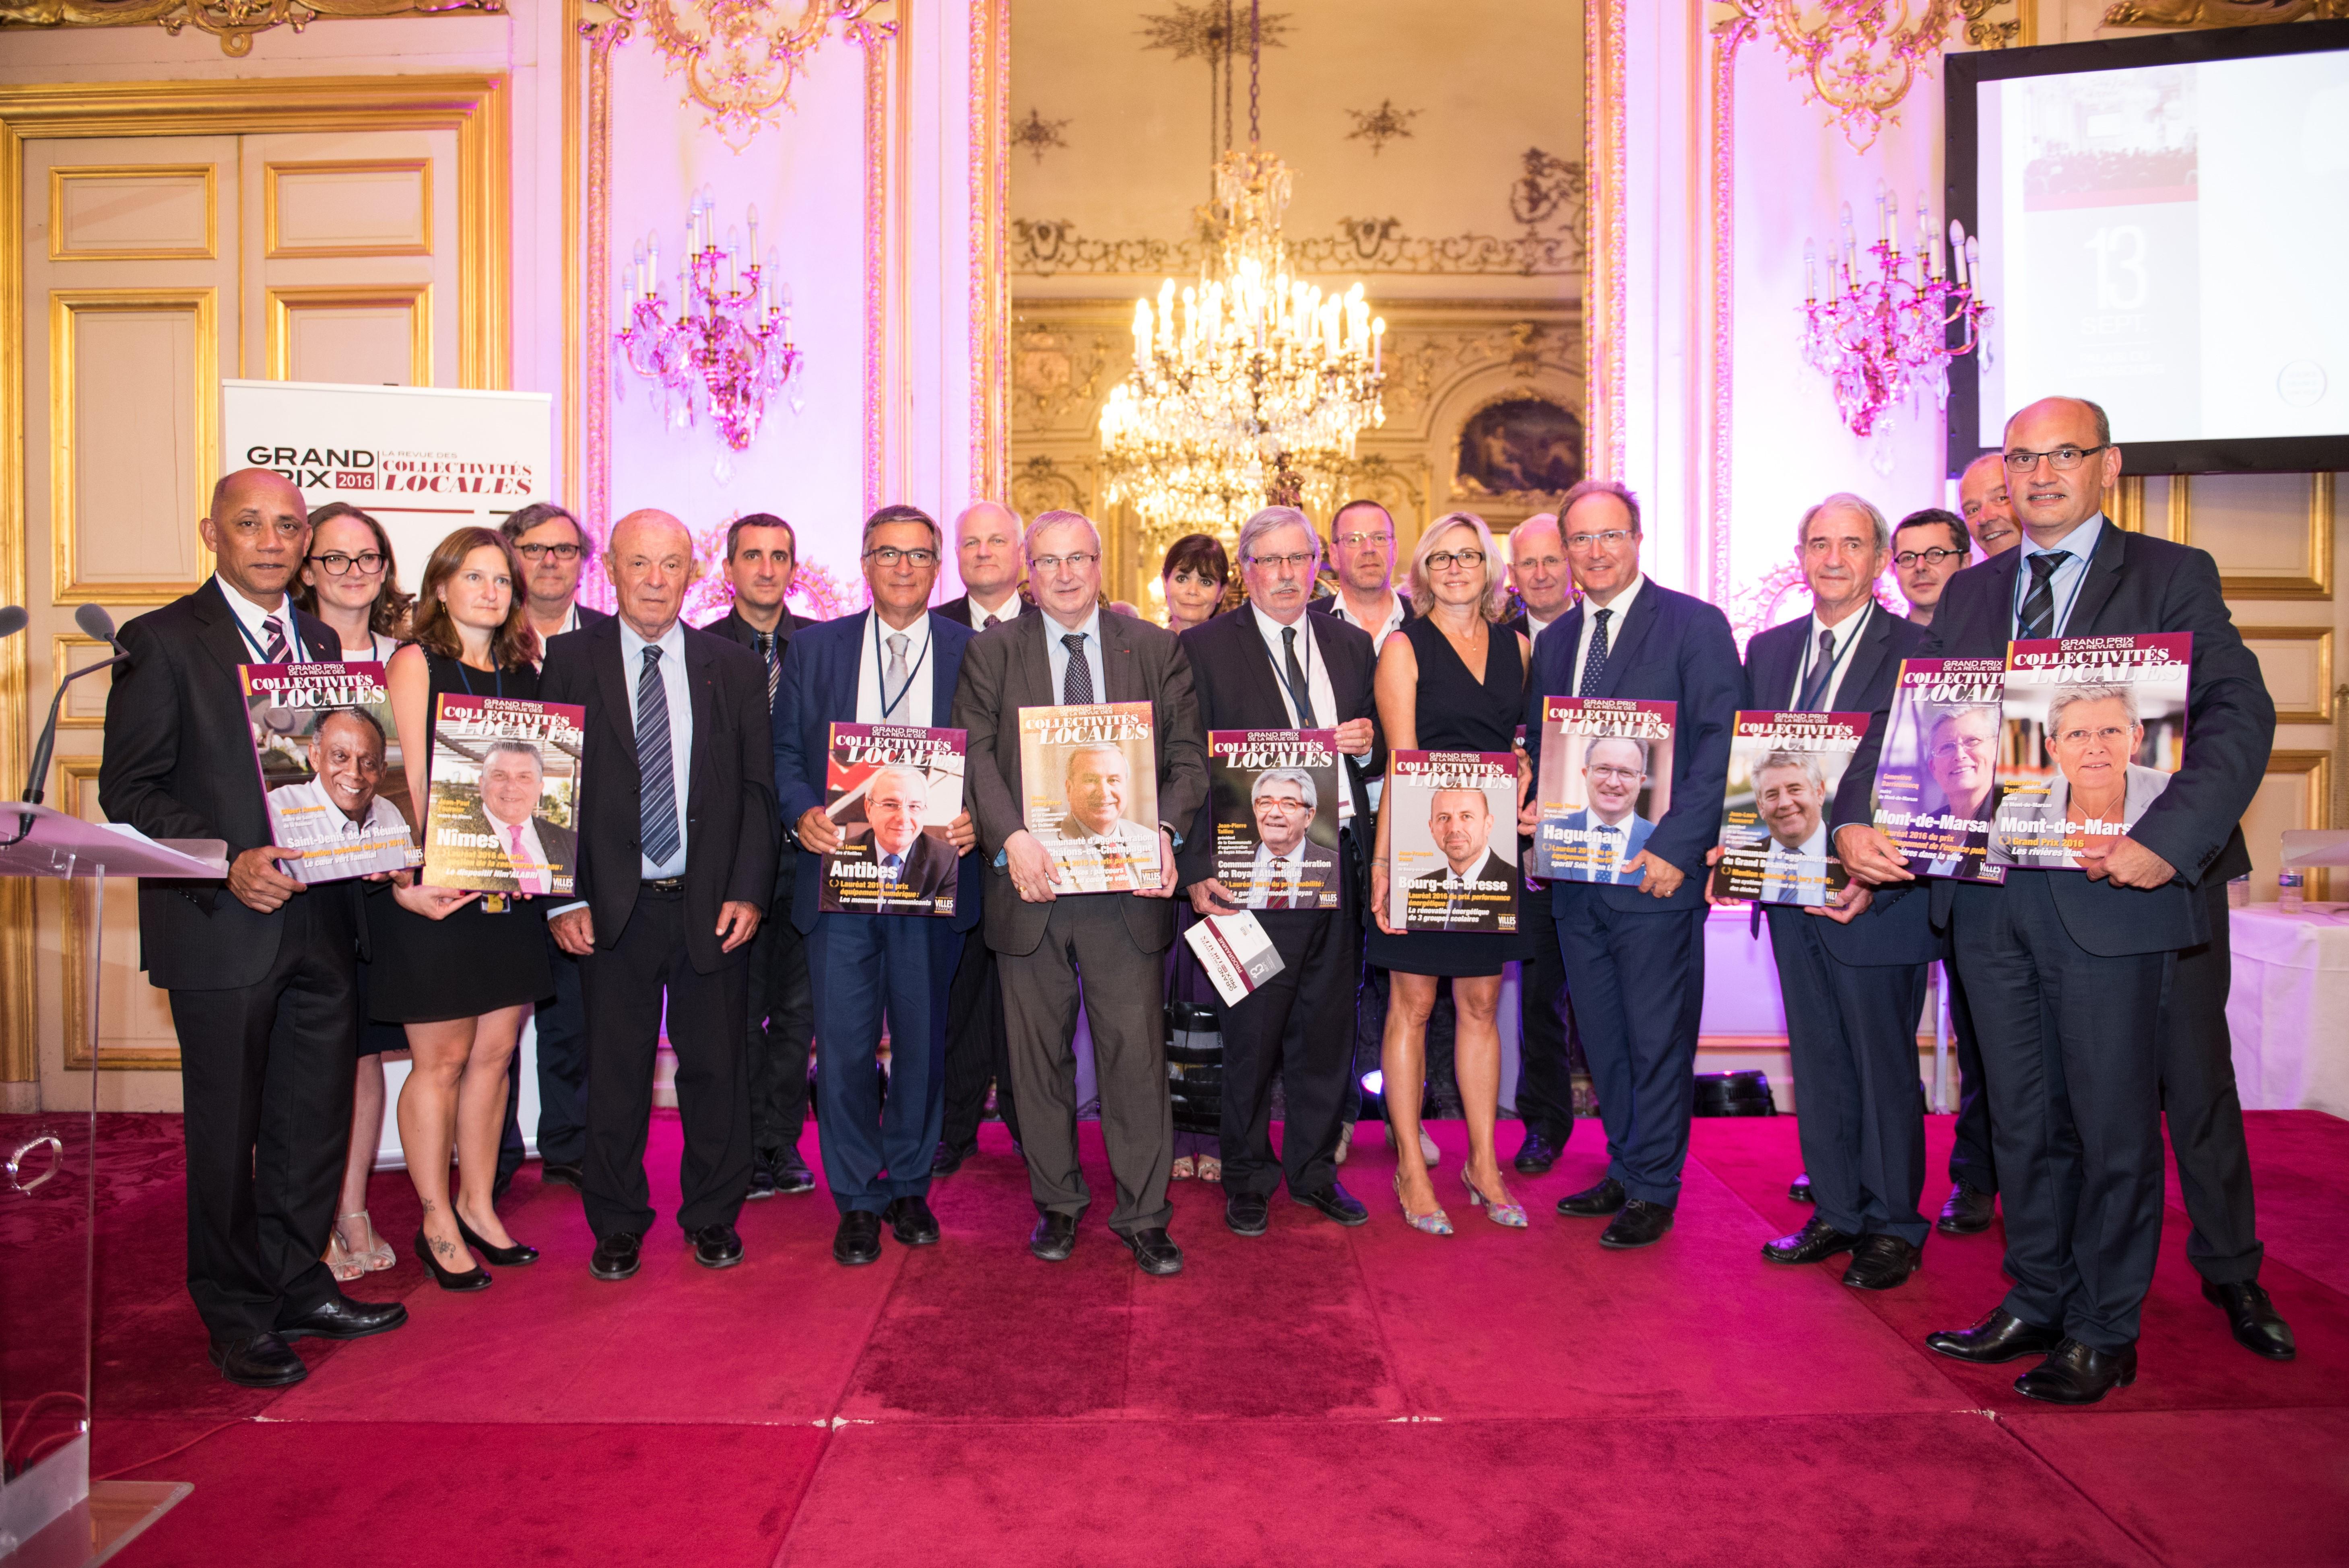 8c5e98cca22 Les lauréats 2016 - Grand Prix des Collectivites Locales